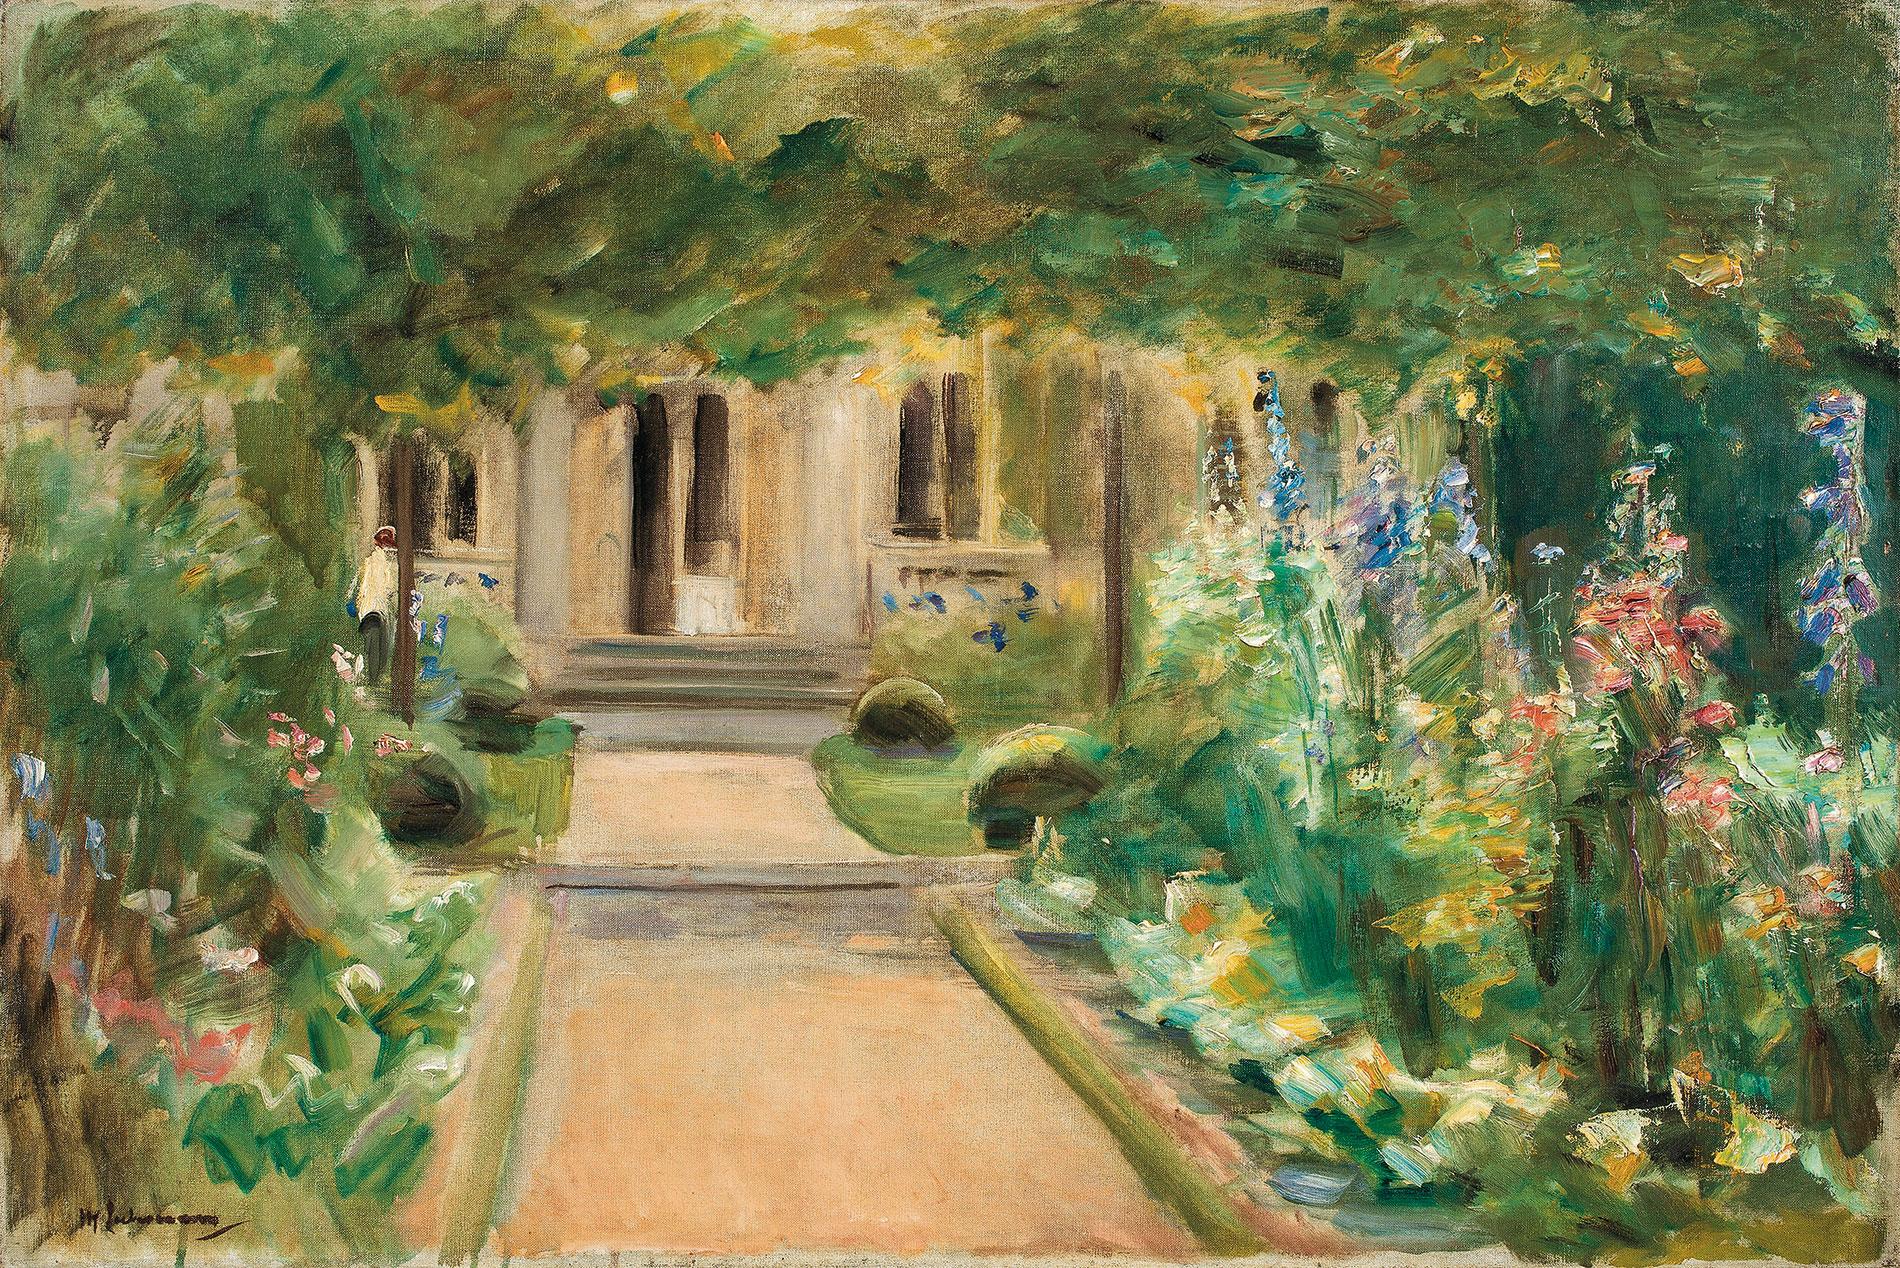 Max Liebermann, Blick aus dem Nutzgarten nach Osten auf den Eingang zum Landhaus, 1919, 50,5×75,5 cm; Liebermann-Villa am Wannsee, Max-Liebermann-Gesellschaft Berlin e.V.